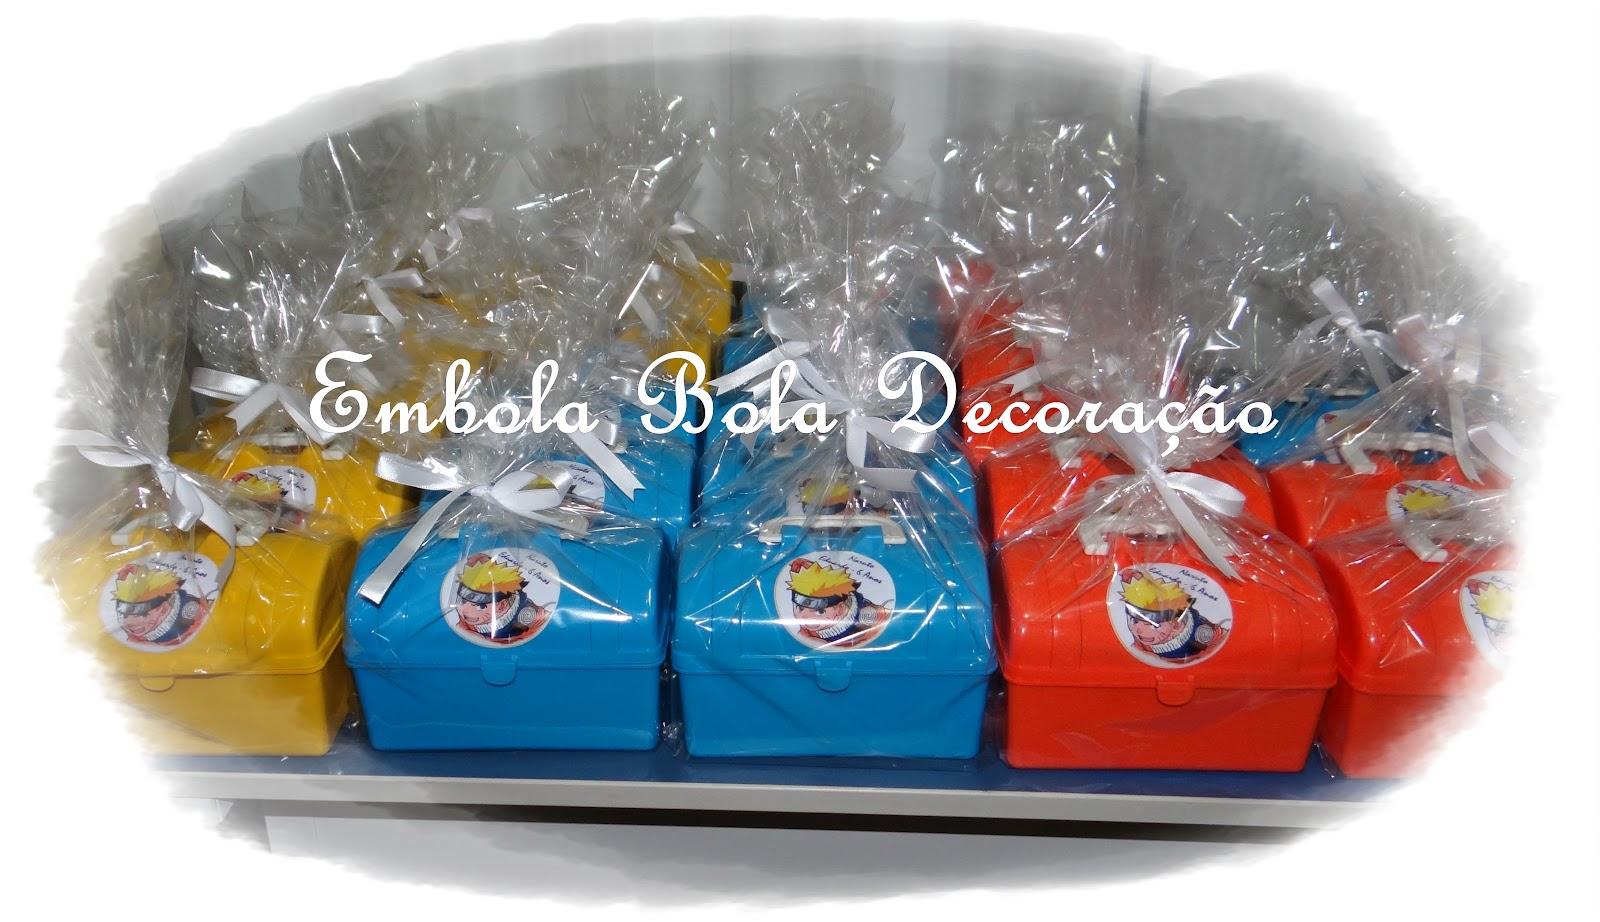 decoracao festa naruto:Embola Bola Decoração com Balões: FESTA NARUTO (EDUARDO) 30/06/2012